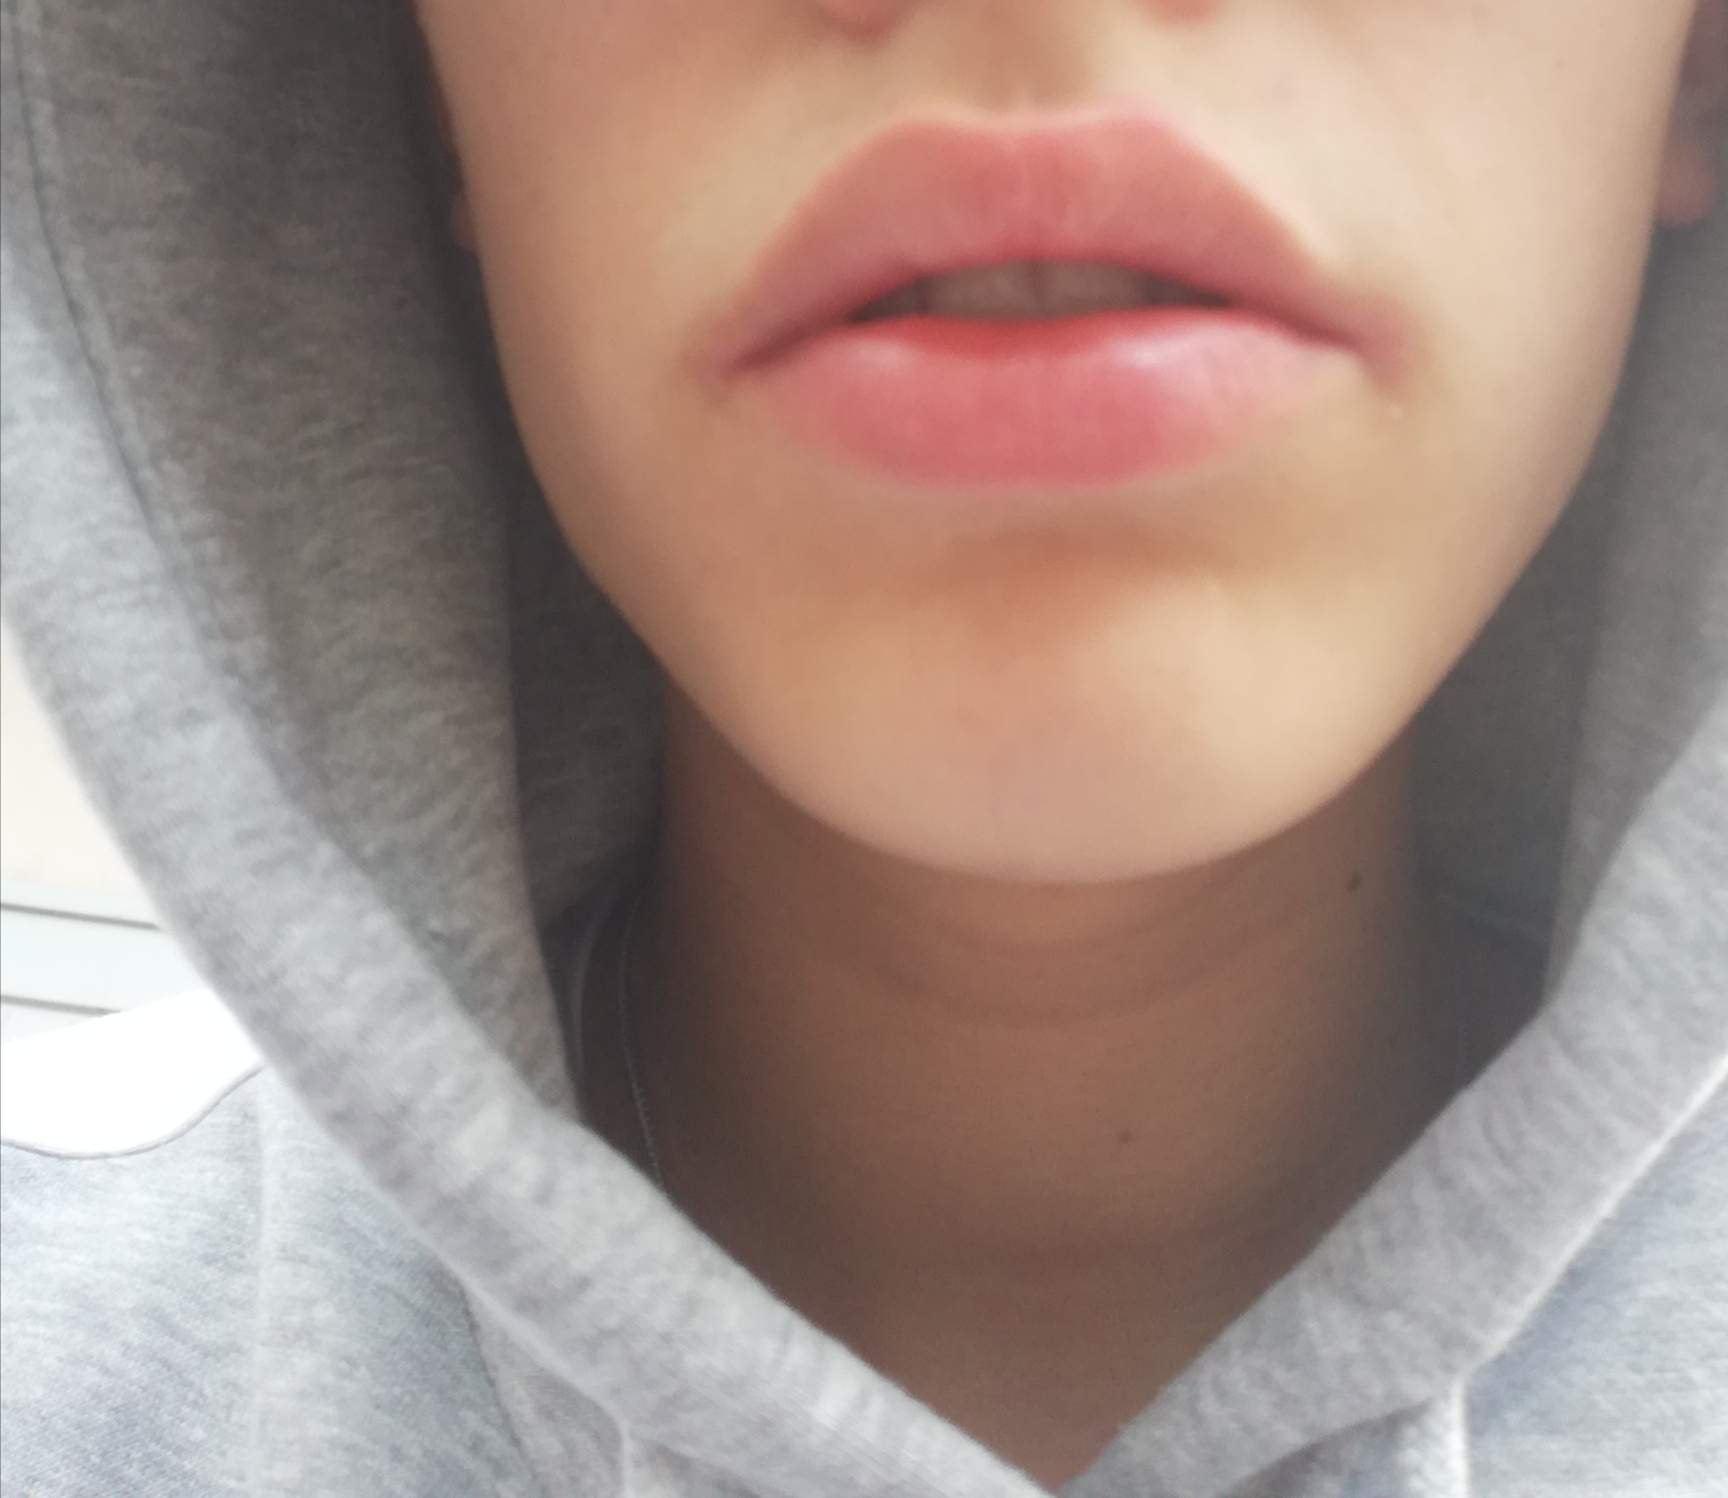 Mundwinkel fressecken Aufgerissene Mundwinkel